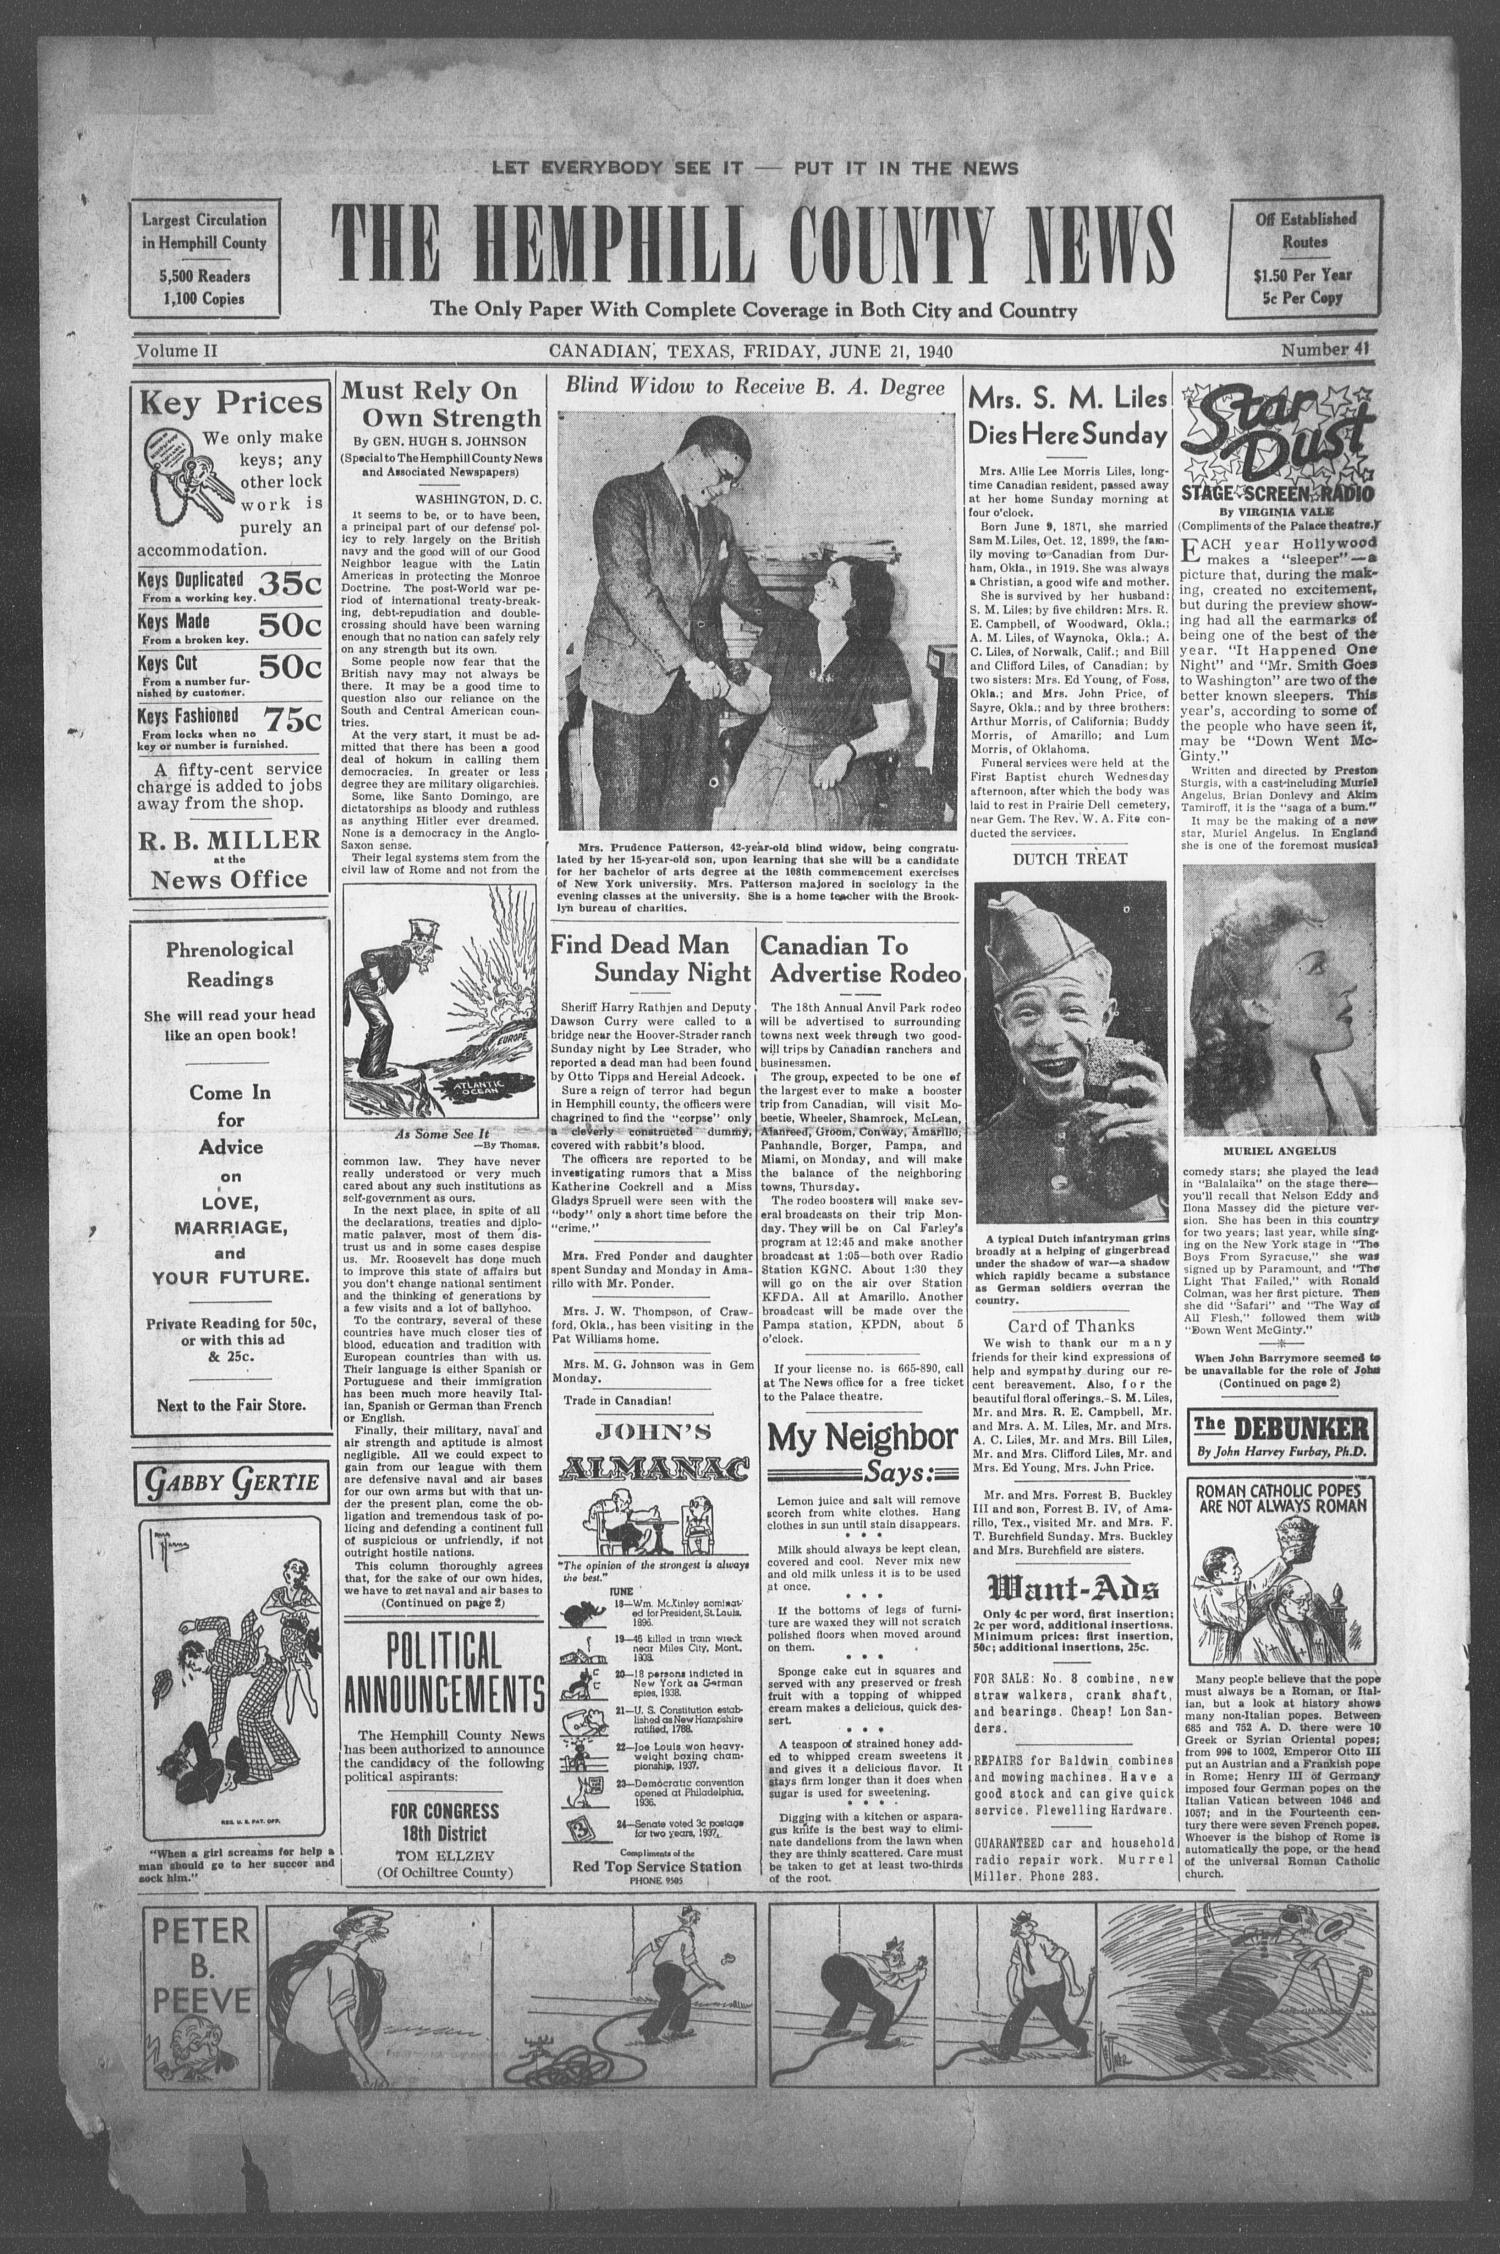 The Hemphill County News (Canadian, Tex), Vol  2, No  41, Ed